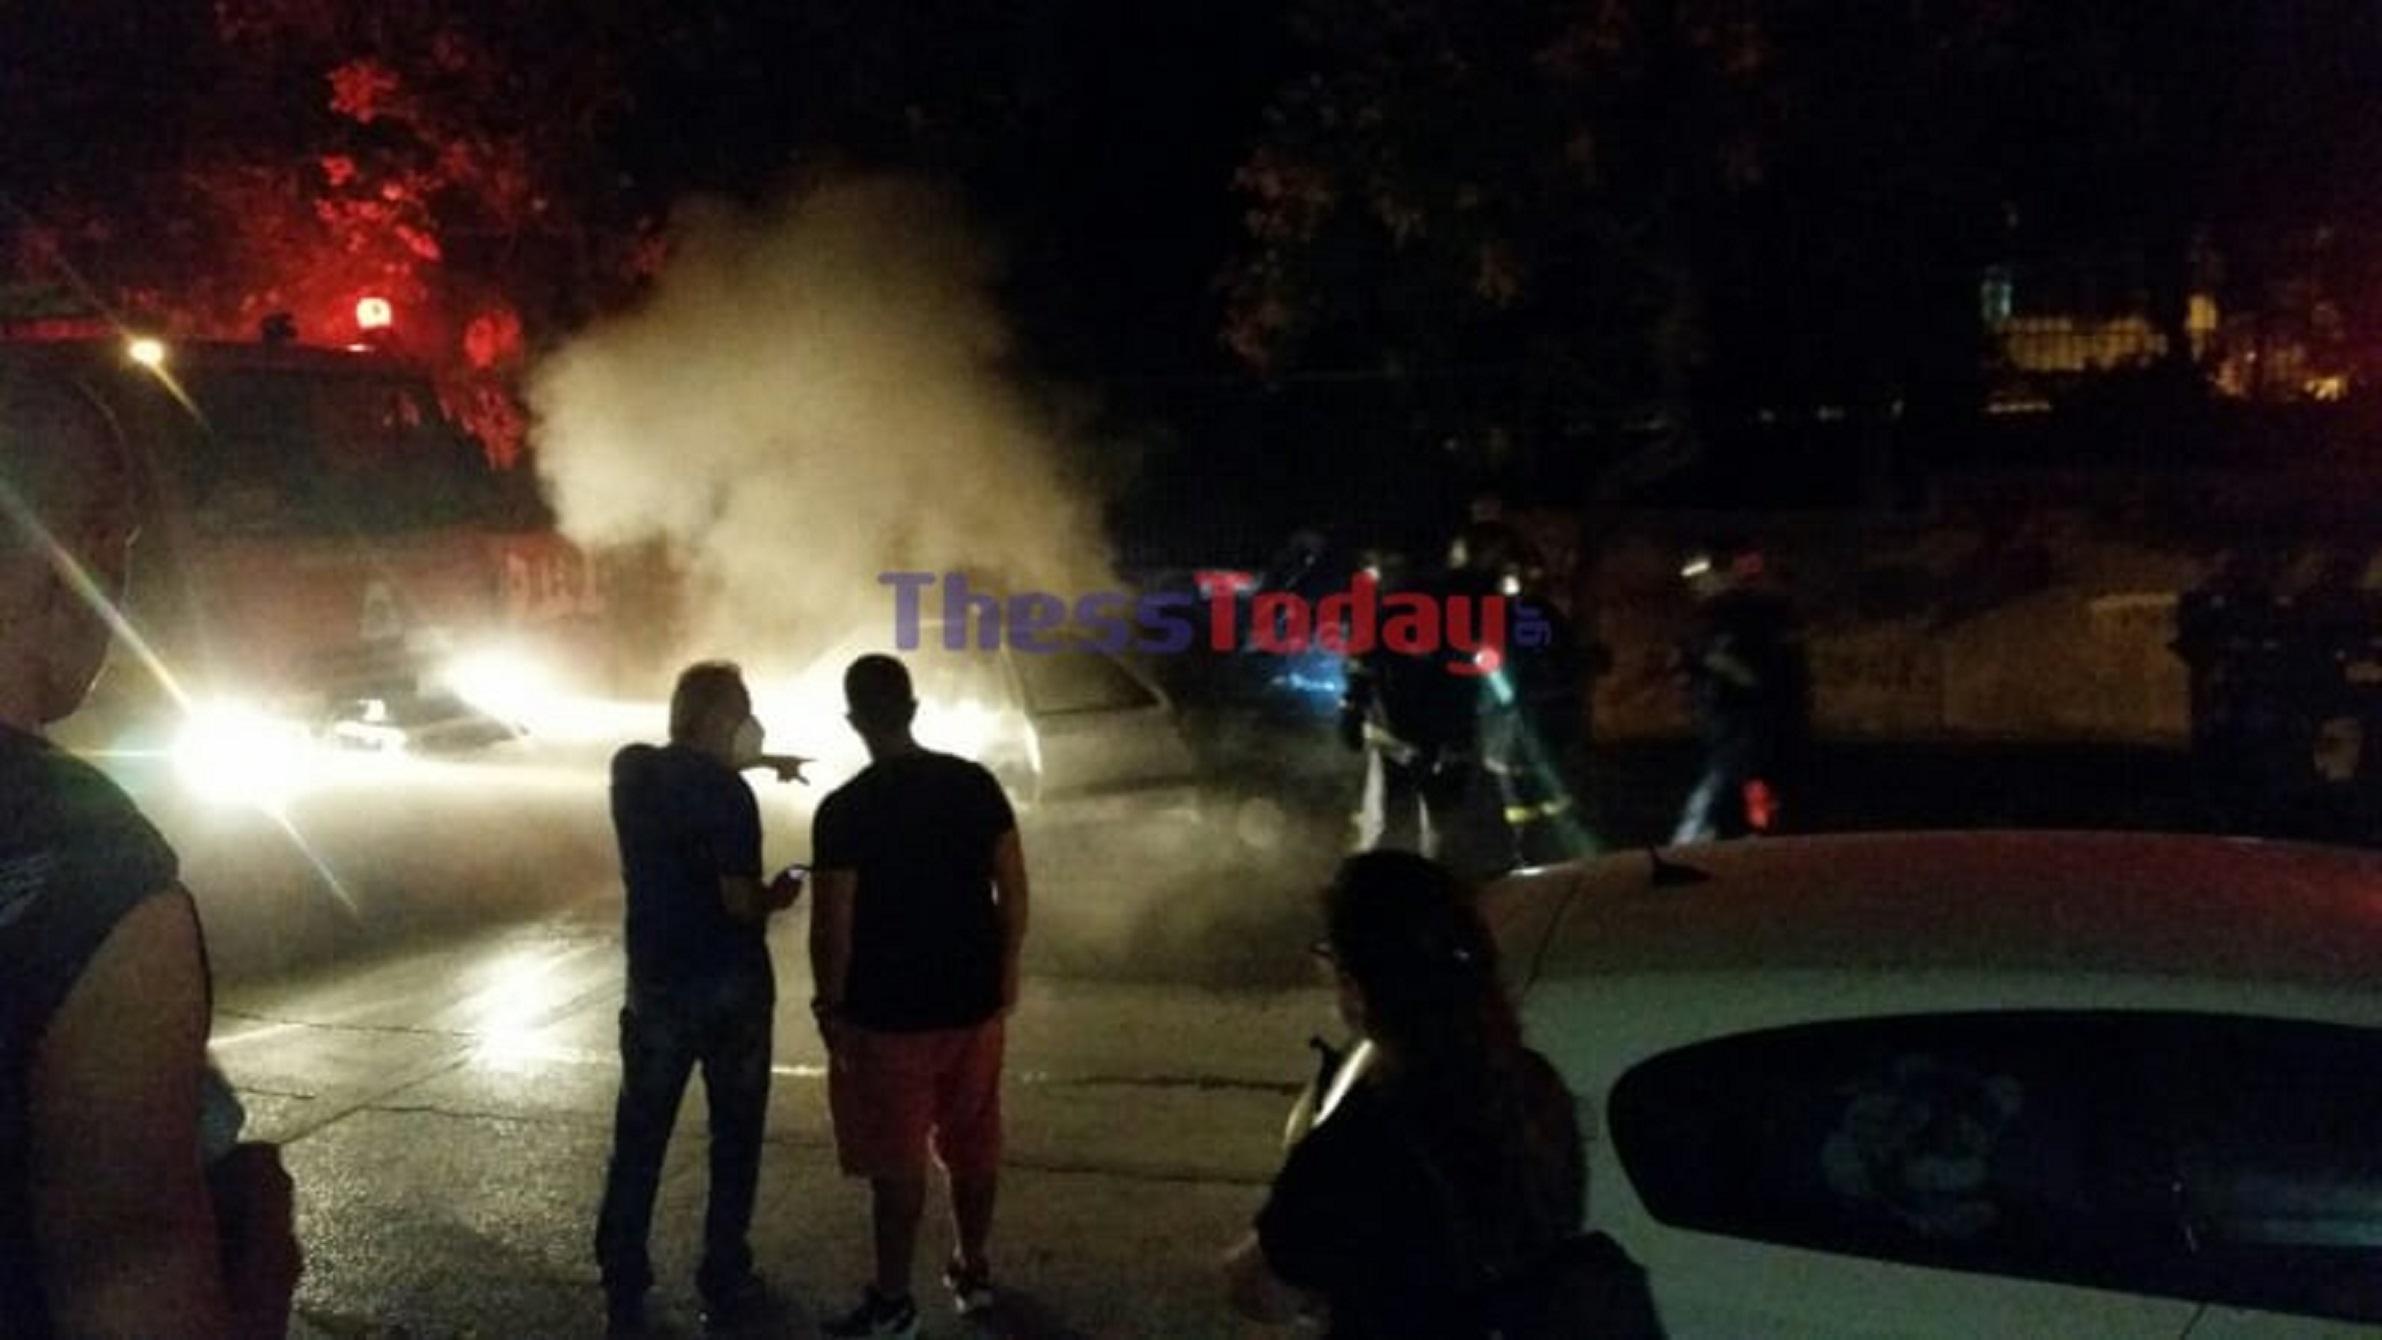 Θεσσαλονίκη: Όχημα τυλίχθηκε στις φλόγες στην Άνω Τούμπα